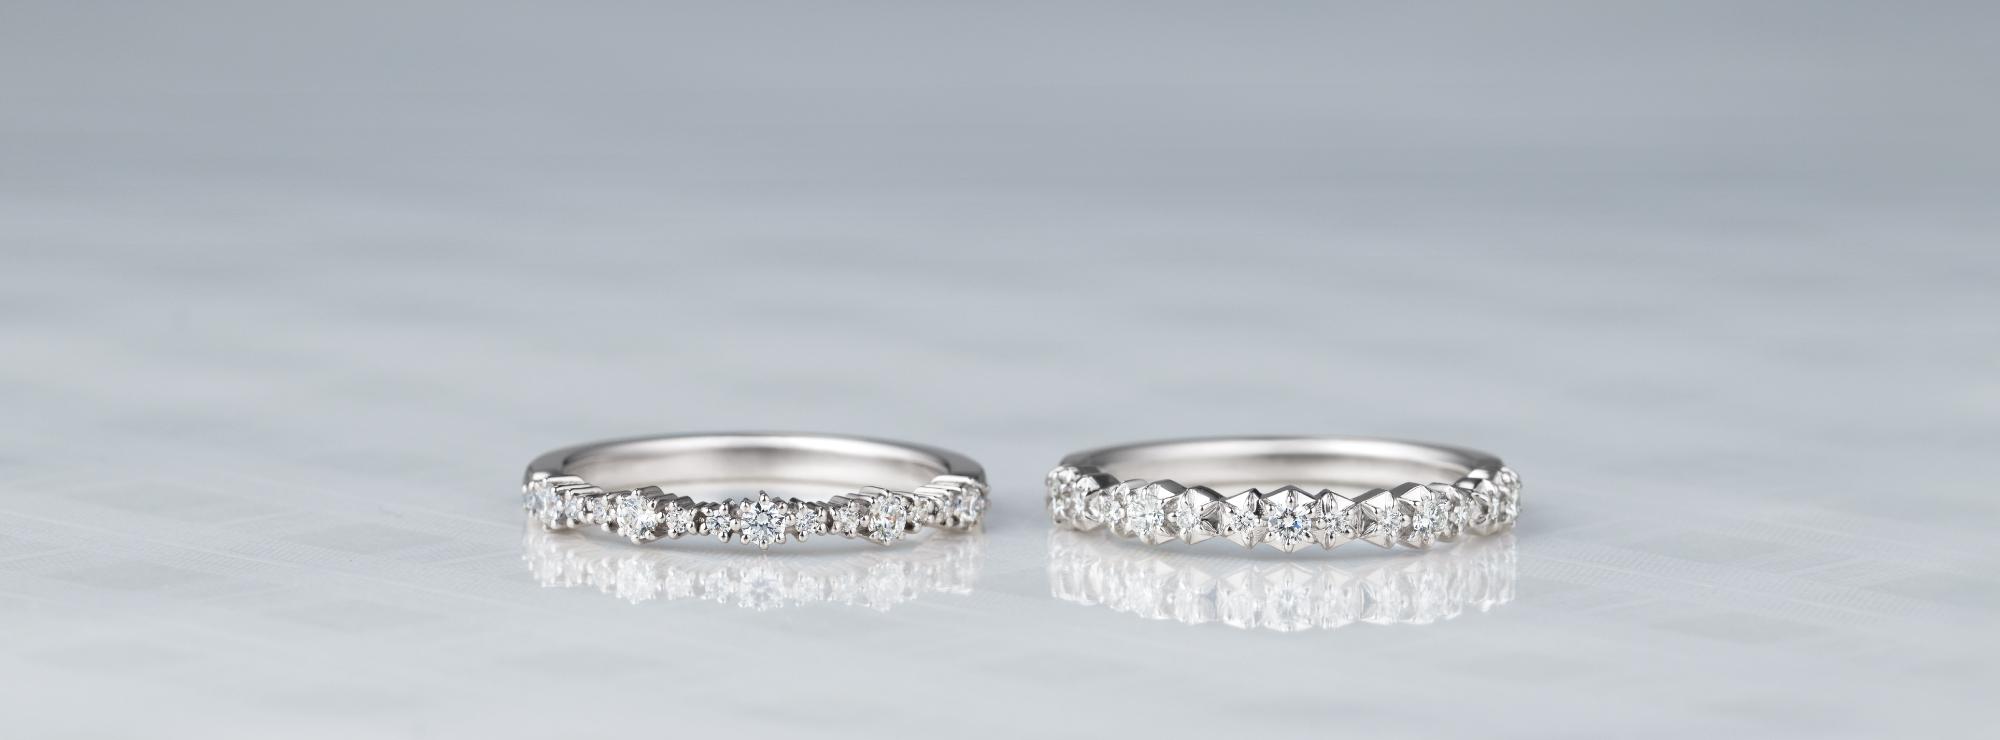 結婚指輪 ルフラン エトワール エタニティダイヤモンドリング